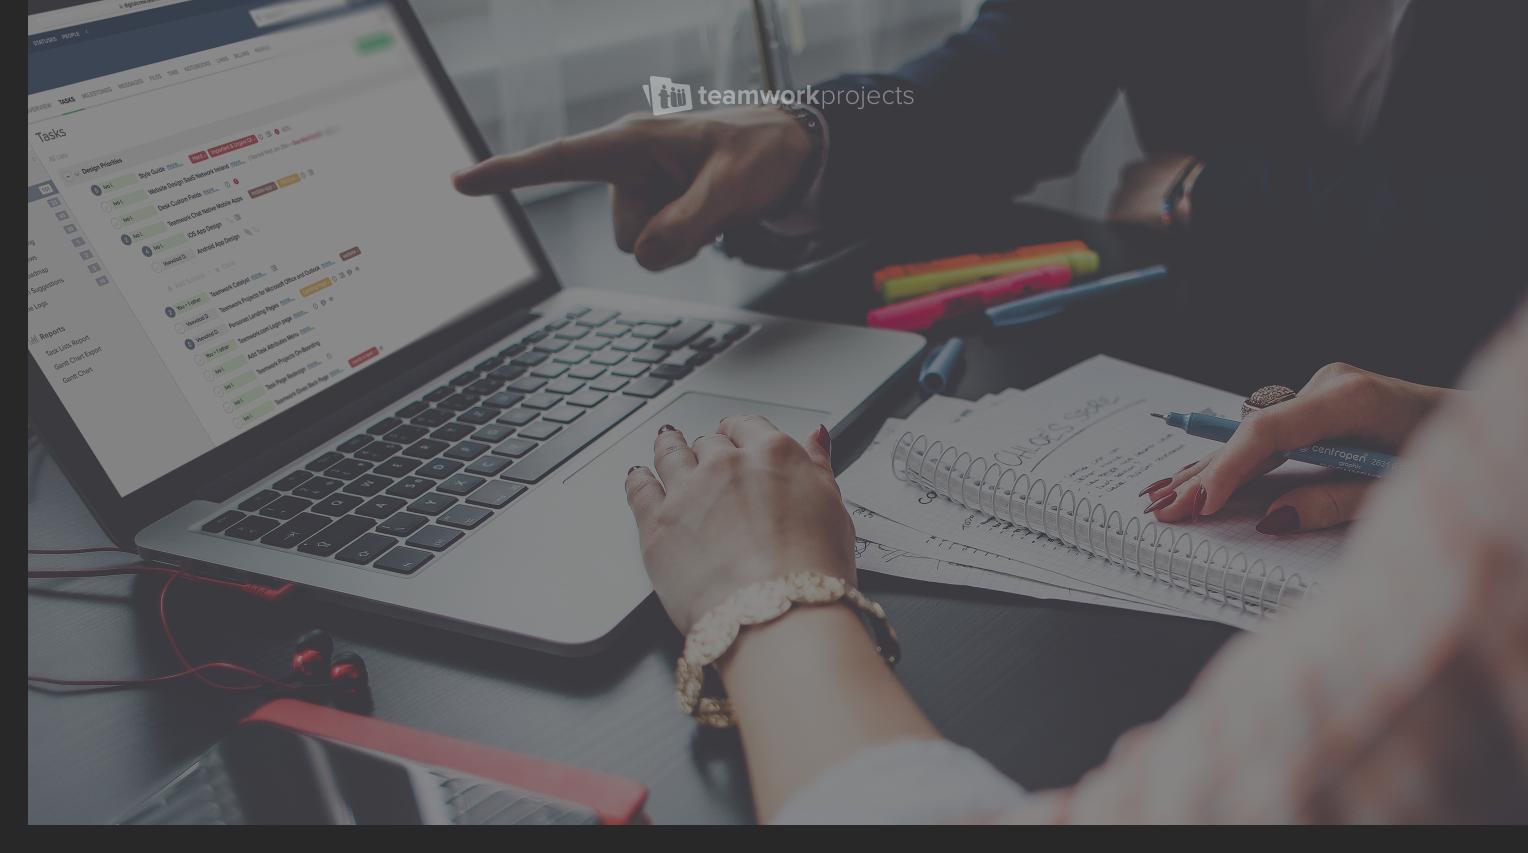 teamwork-projects-hubspot.png